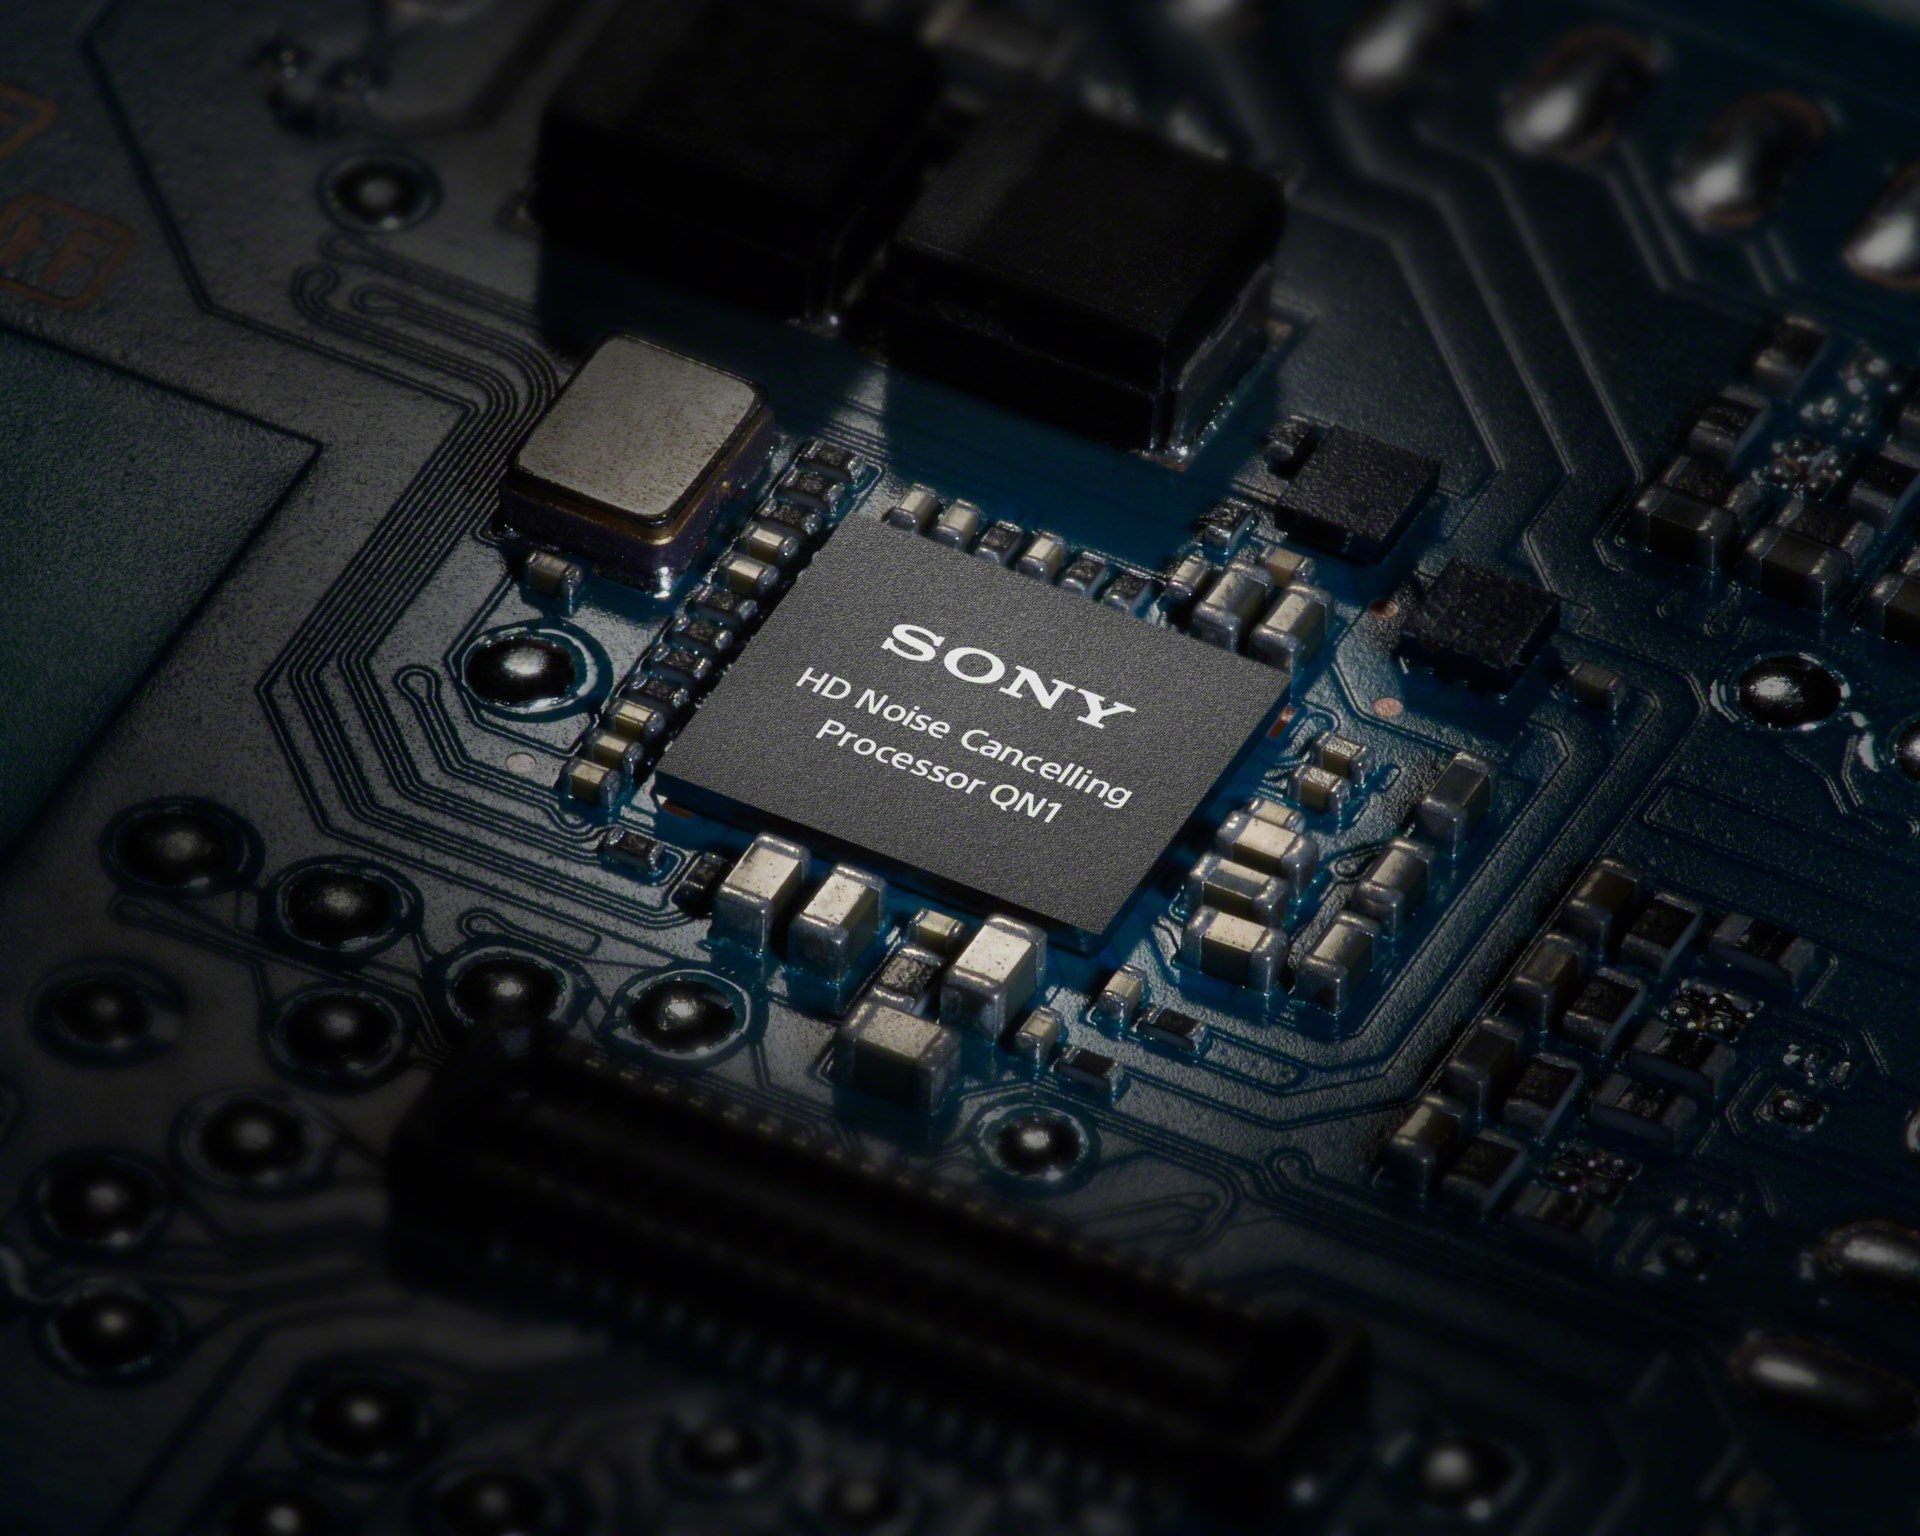 Наушники Sony WH-1000XM3 с шумоподавлением нового уровня OnBoard